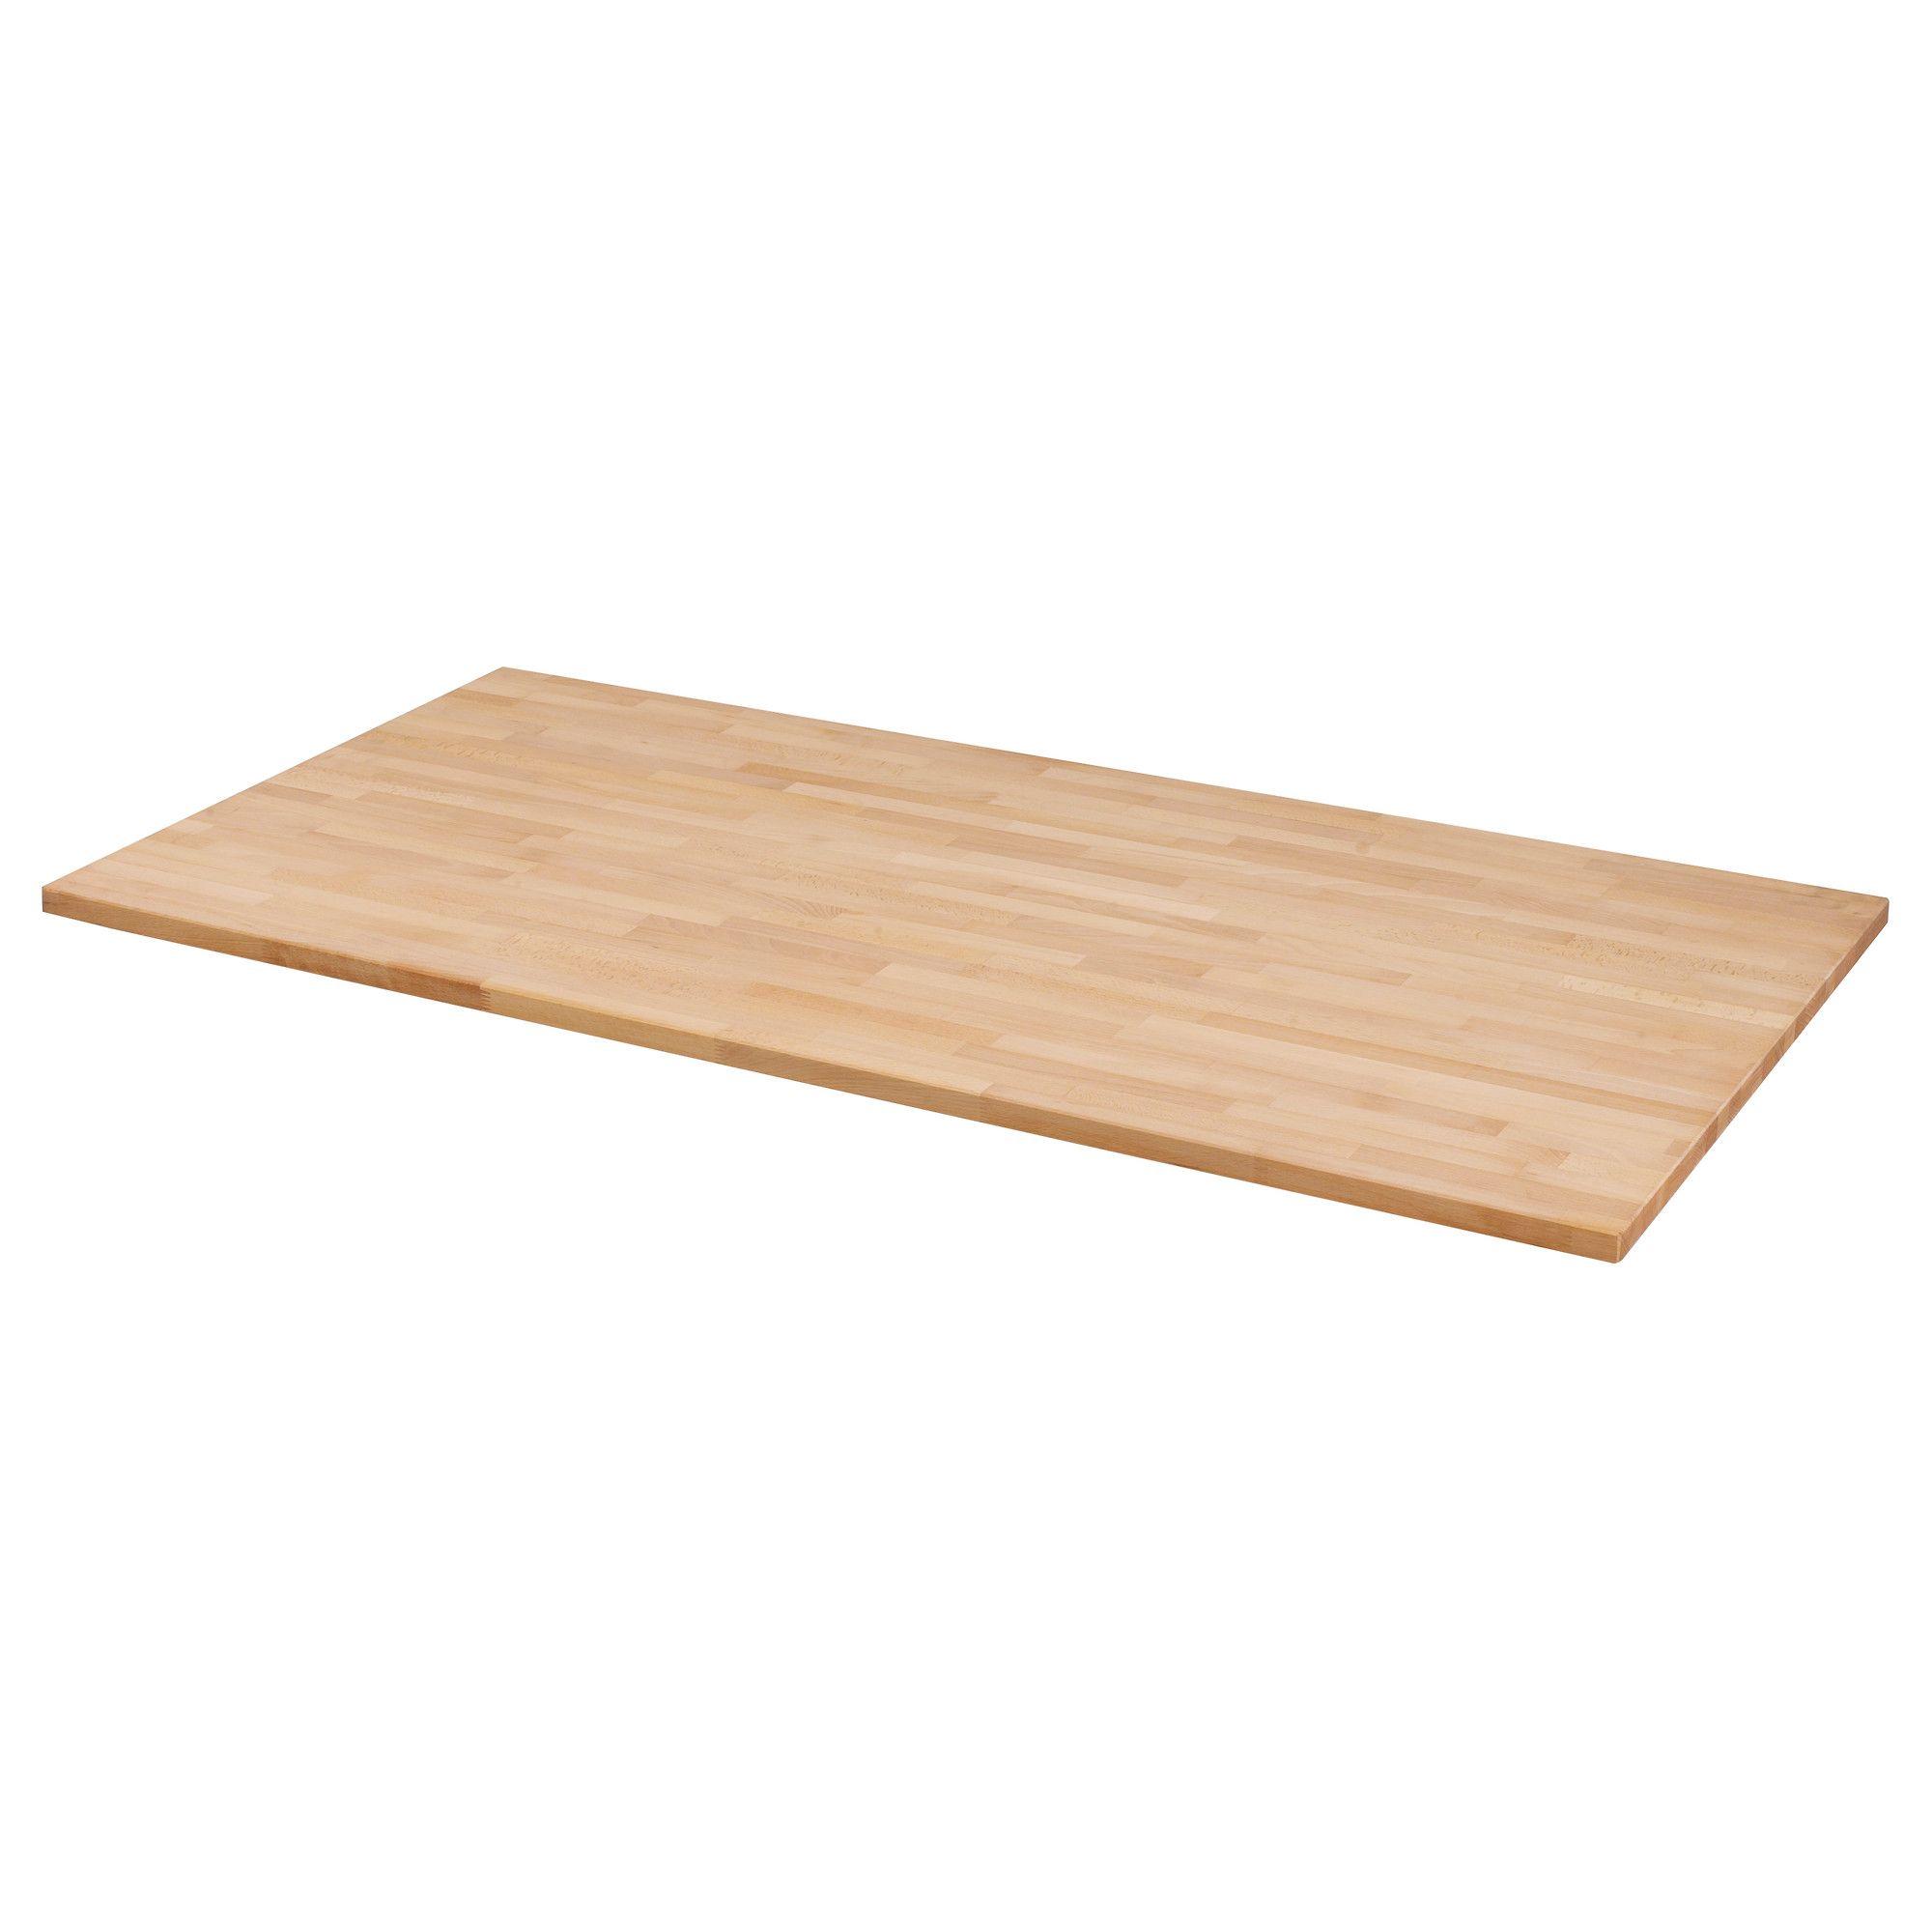 Schreibtischplatte ikea  GERTON Table top, beech | Desks, Solid wood and Spaces